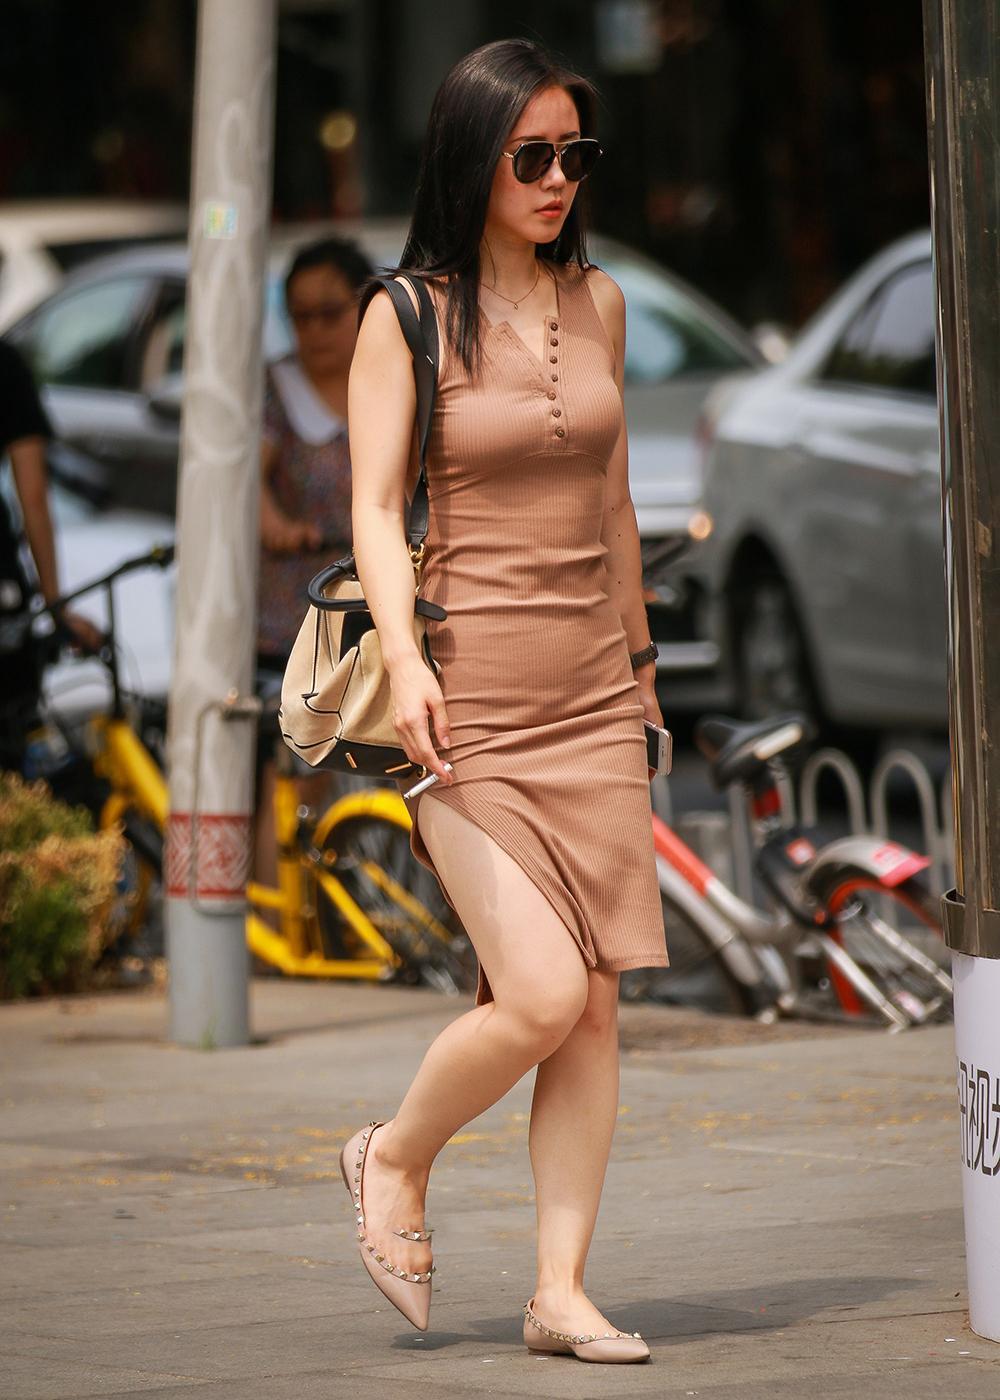 街拍背影:丰硕包臀开叉裙女神,这美女这身姿让人遐想!的美女里微服康熙图片